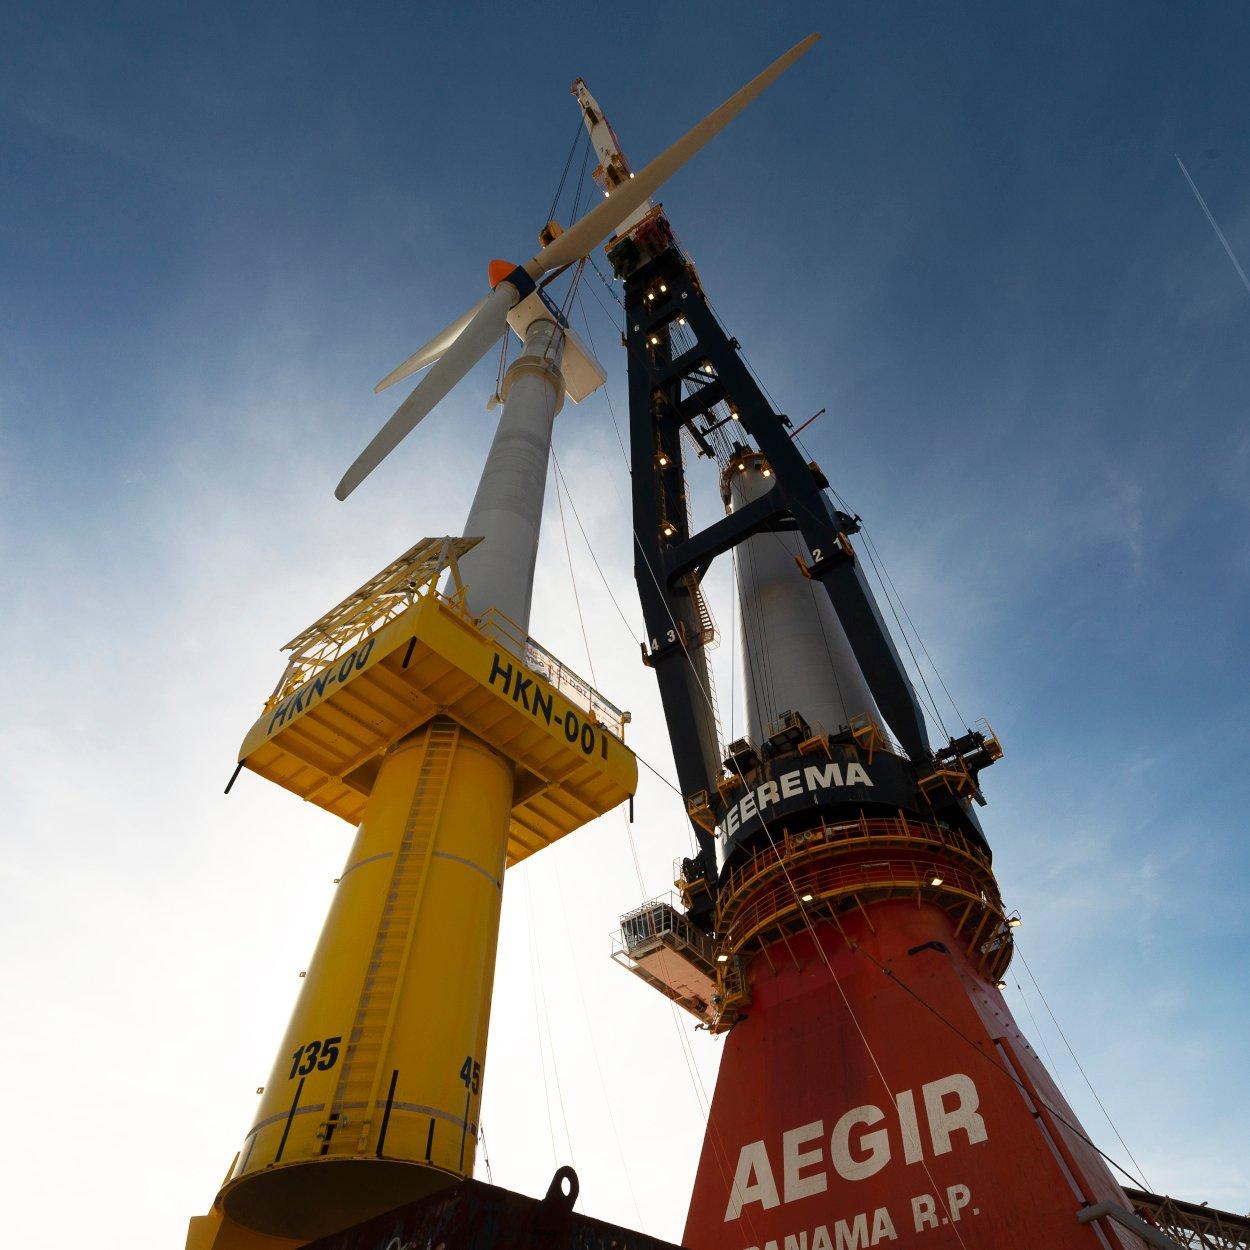 Aegir (DOT lift)